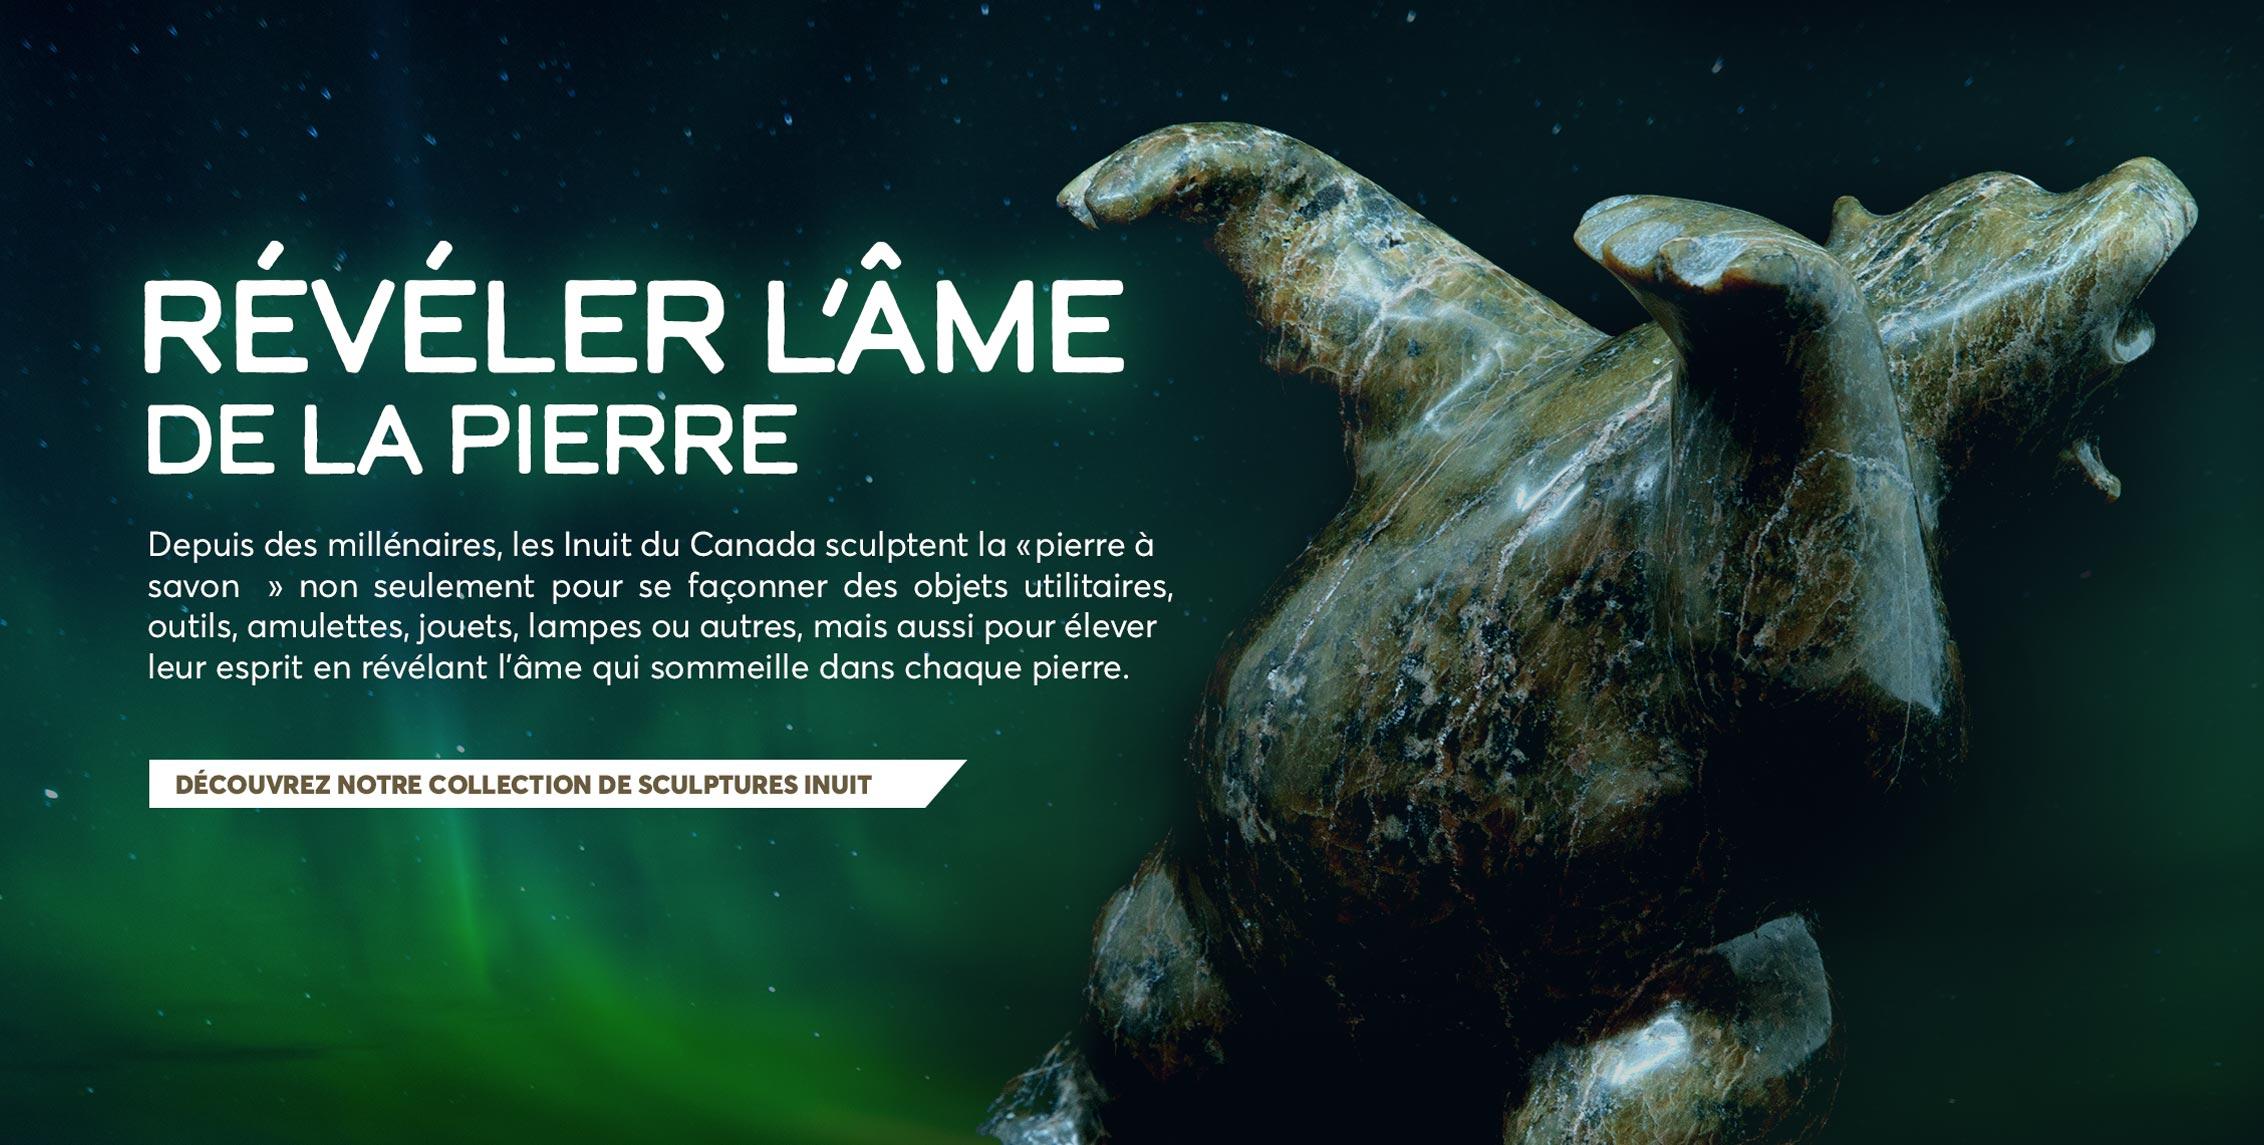 Depuis des millénaires, les Inuits du Canada sculptent la «pierre à savon» non seulement pour se façonner des objets utilitaires, outils, amulettes, jouets, lampes ou autres, mais aussi pour élever leur esprit en révélant l'âme qui sommeille dans c